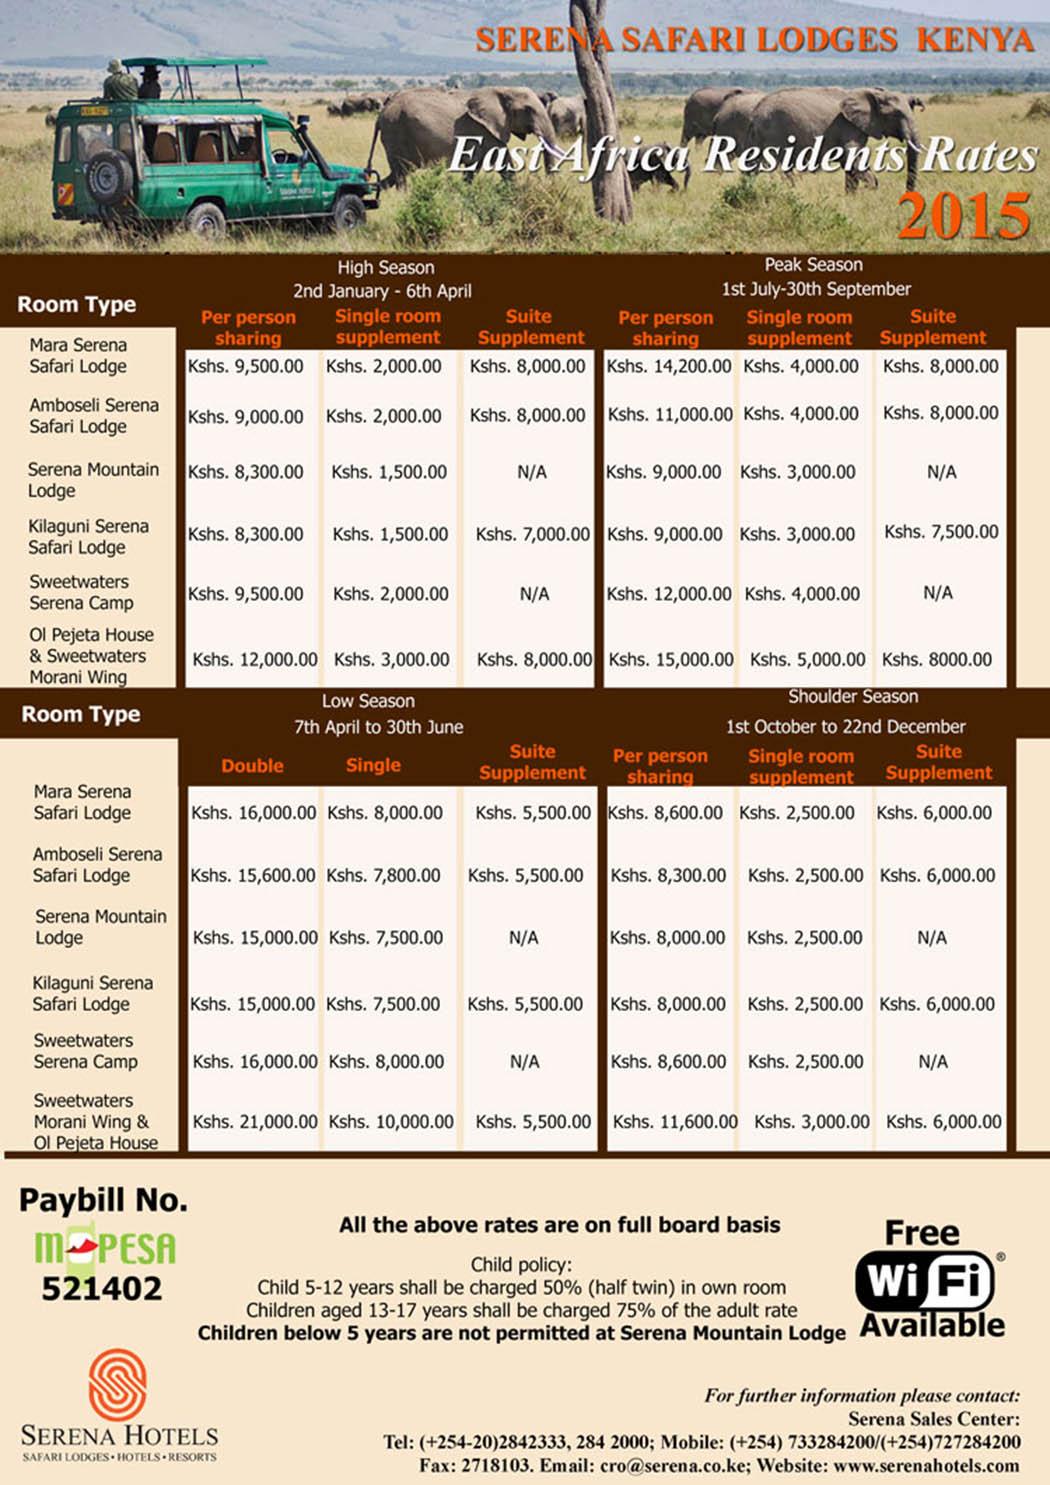 Serena hotels rates